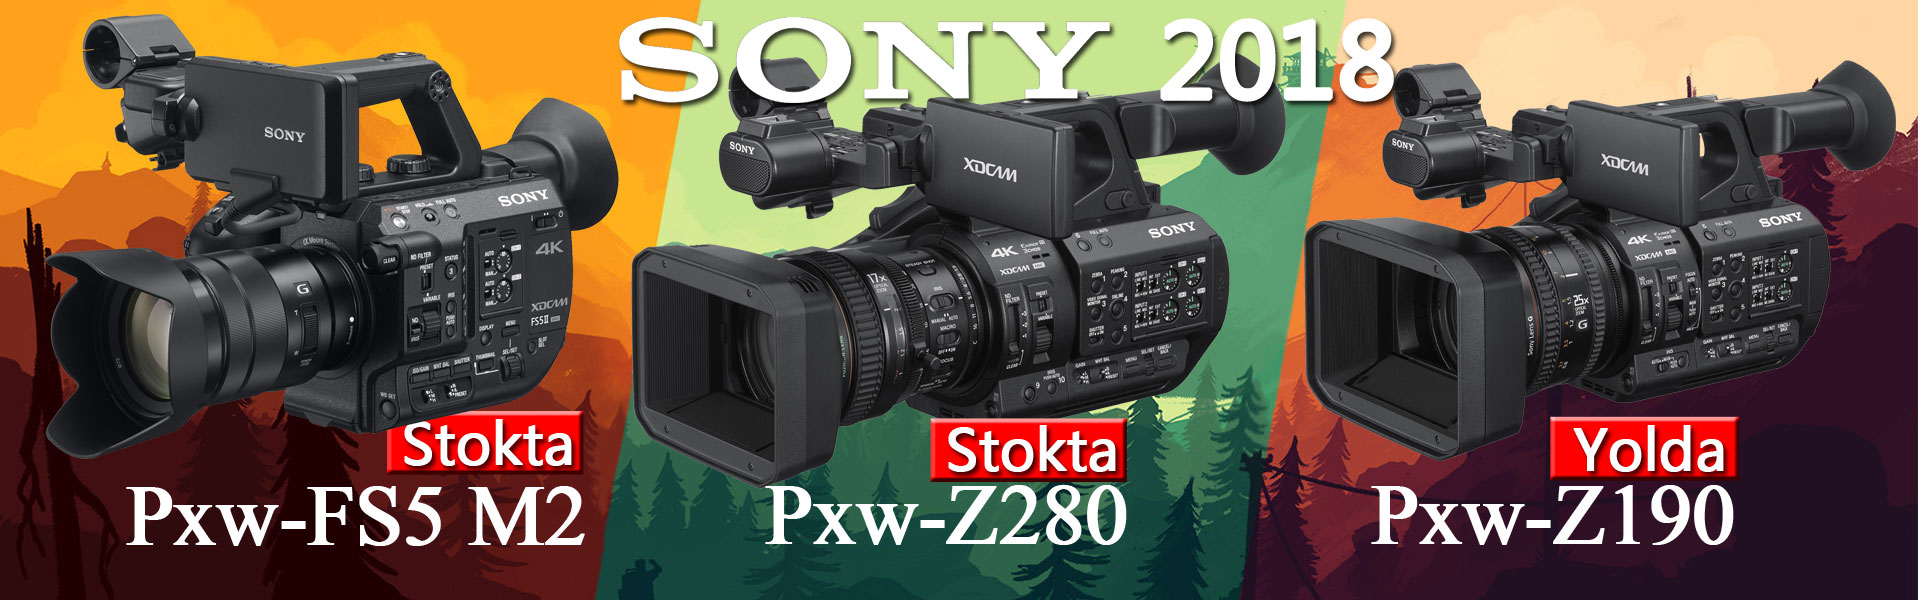 sony-2018-kameralar-3